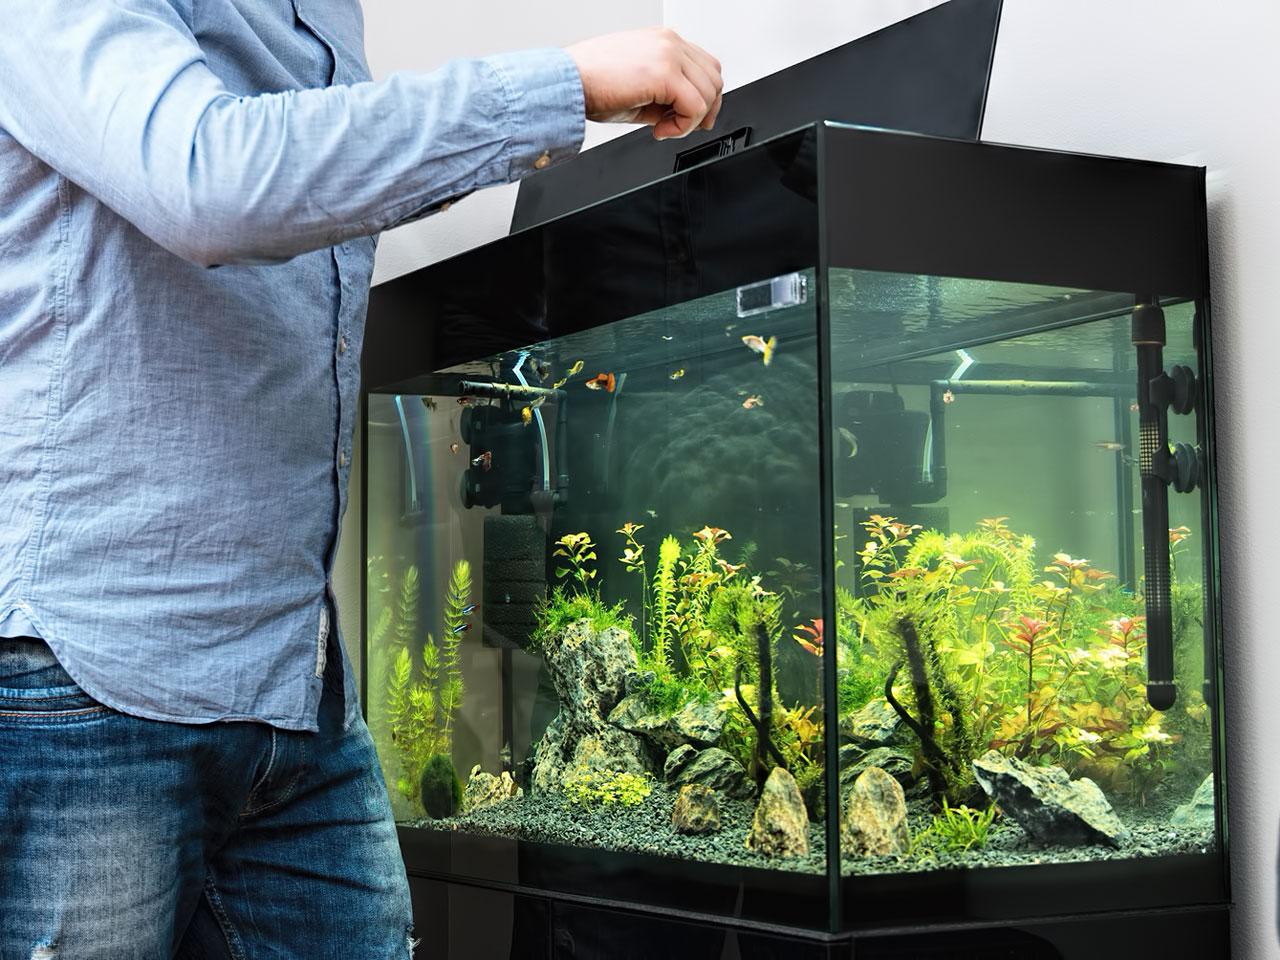 Zierfisch Aquarium